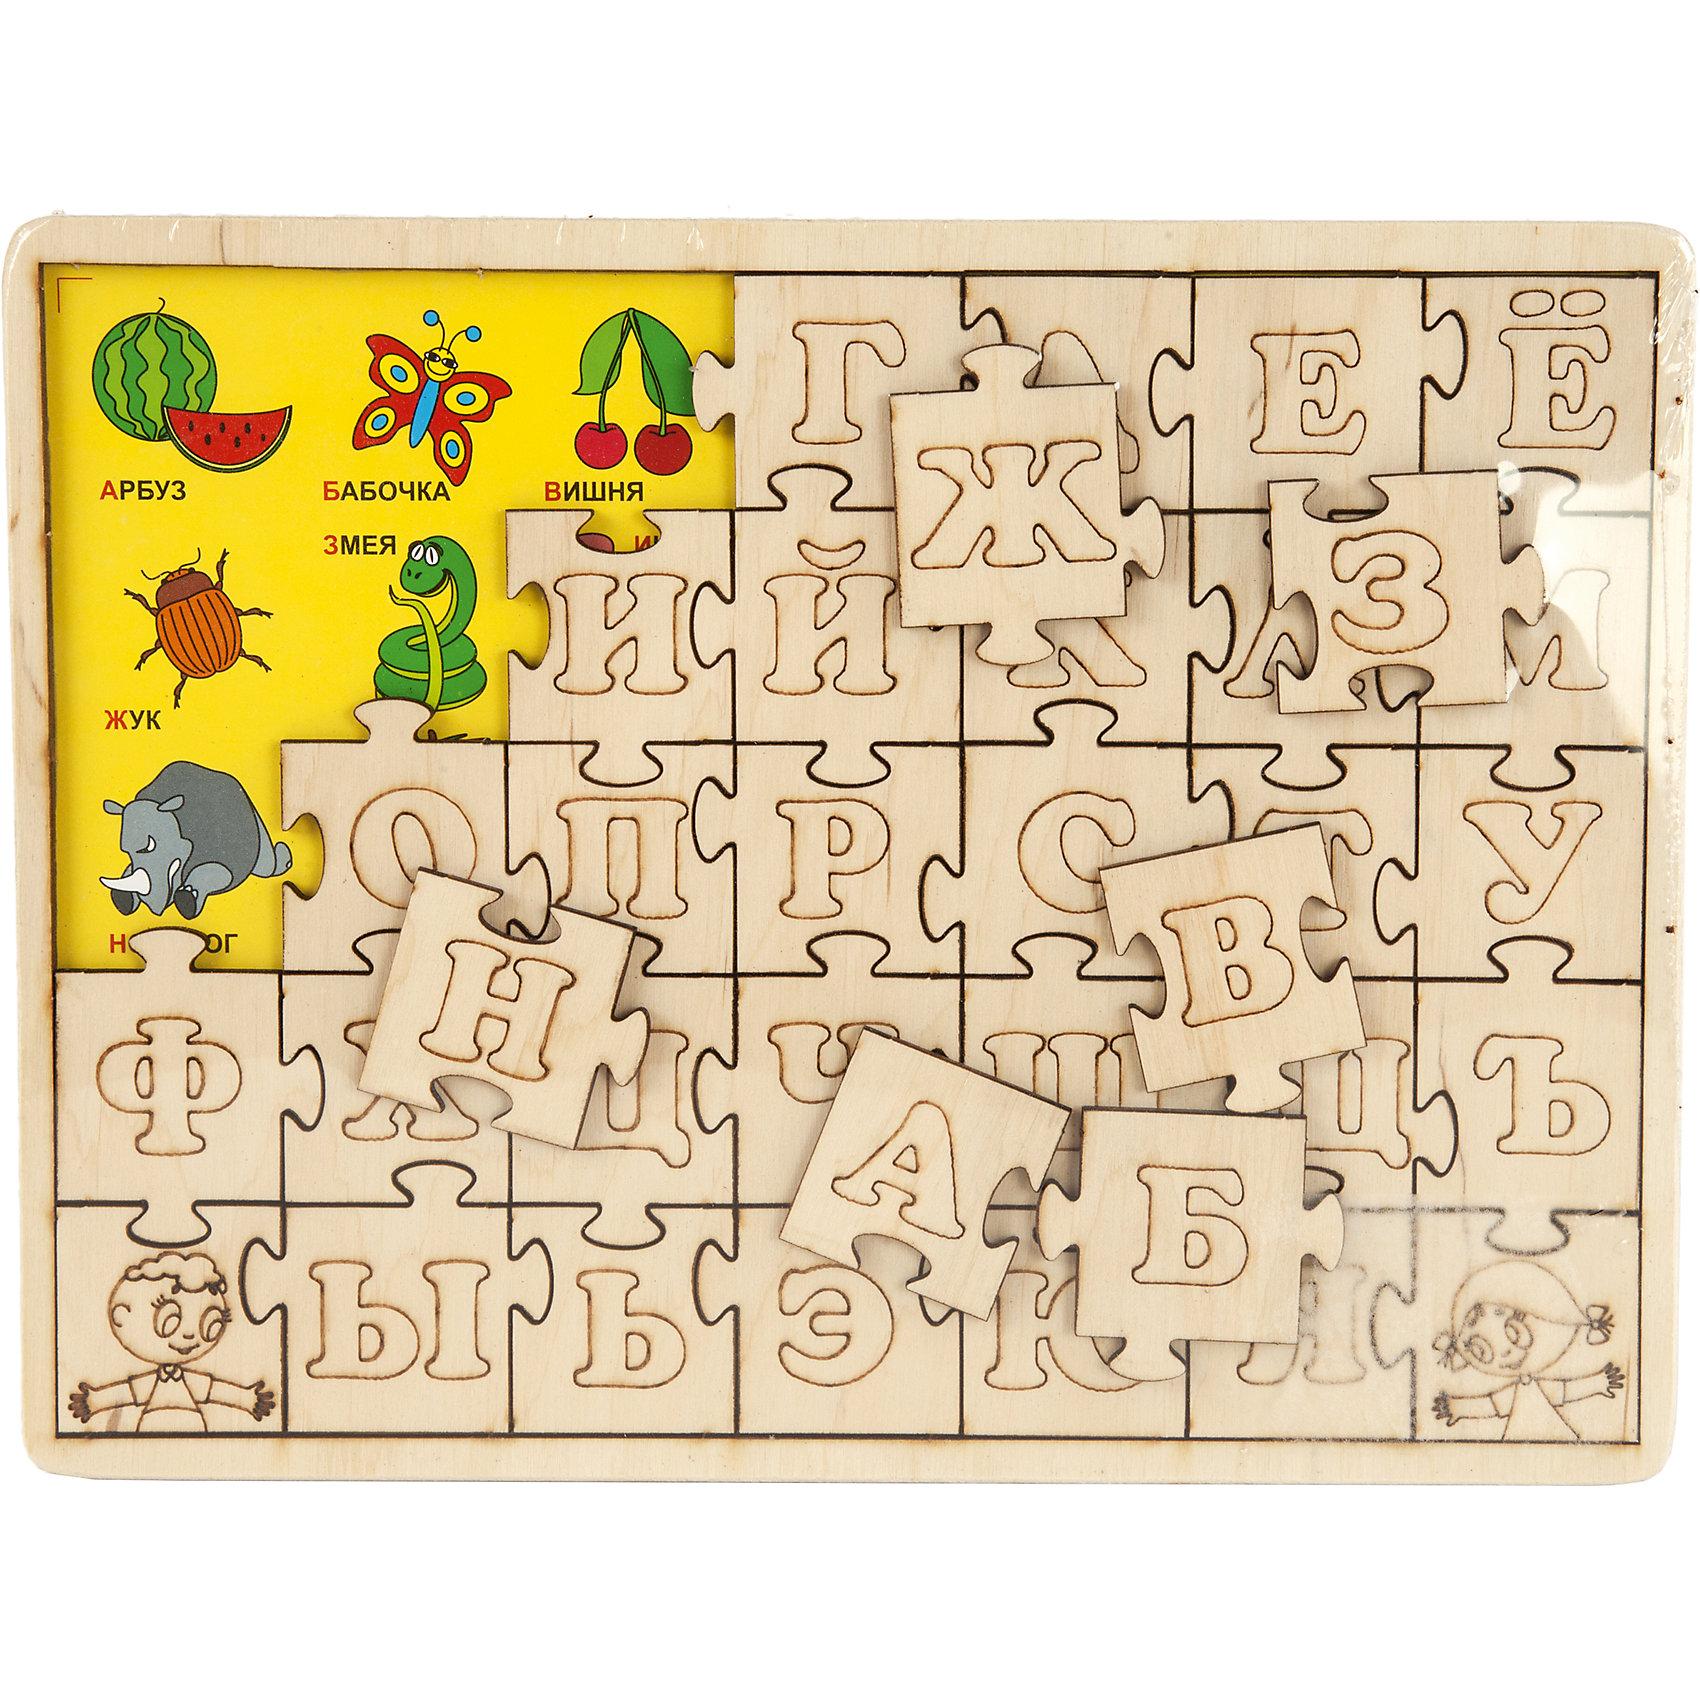 Пазл развивающий Изучаем алфавит, 62 детали, Мастер ВудРазвивающие игры<br>Пазл развивающий Изучаем алфавит, 62 детали, от популярного бренда развивающих детских товаров Мастер Вуд развлечет вашу кроху! Новый, увлекательный формат изучения алфавита понравится малышу. На дне деревянной подставочки расположены картинки подходящие в кой или иной букве, поверх картинок размещаются соответствующие кусочки пазла с буквами. Пазл изготовлен из безопасного для детей материала: дерева, при желании, буквы можно раскрасить. Играя с таким пазлом. Малыш выучит алфавит, разовьет мелкую моторику ручек, разовьет логические навыки.<br><br>Дополнительная информация:<br><br>- В комплект входит: 1 подставка, 62 детали<br>- Материал: дерево, текстиль<br>- Размер: 25 * 1 * 19 см<br>- Размер деталей: 4,5 * 4 см.<br>- Вес: 0,22 кг.<br><br>Пазл развивающий Изучаем алфавит, 62 детали, Мастер Вуд можно купить в нашем интернет-магазине.<br><br>Подробнее:<br>• Для детей в возрасте: от 3 до 6 лет<br>• Номер товара: 4925579<br>Страна производитель: Беларусь<br><br>Ширина мм: 250<br>Глубина мм: 10<br>Высота мм: 190<br>Вес г: 29<br>Возраст от месяцев: 36<br>Возраст до месяцев: 84<br>Пол: Унисекс<br>Возраст: Детский<br>SKU: 4925579